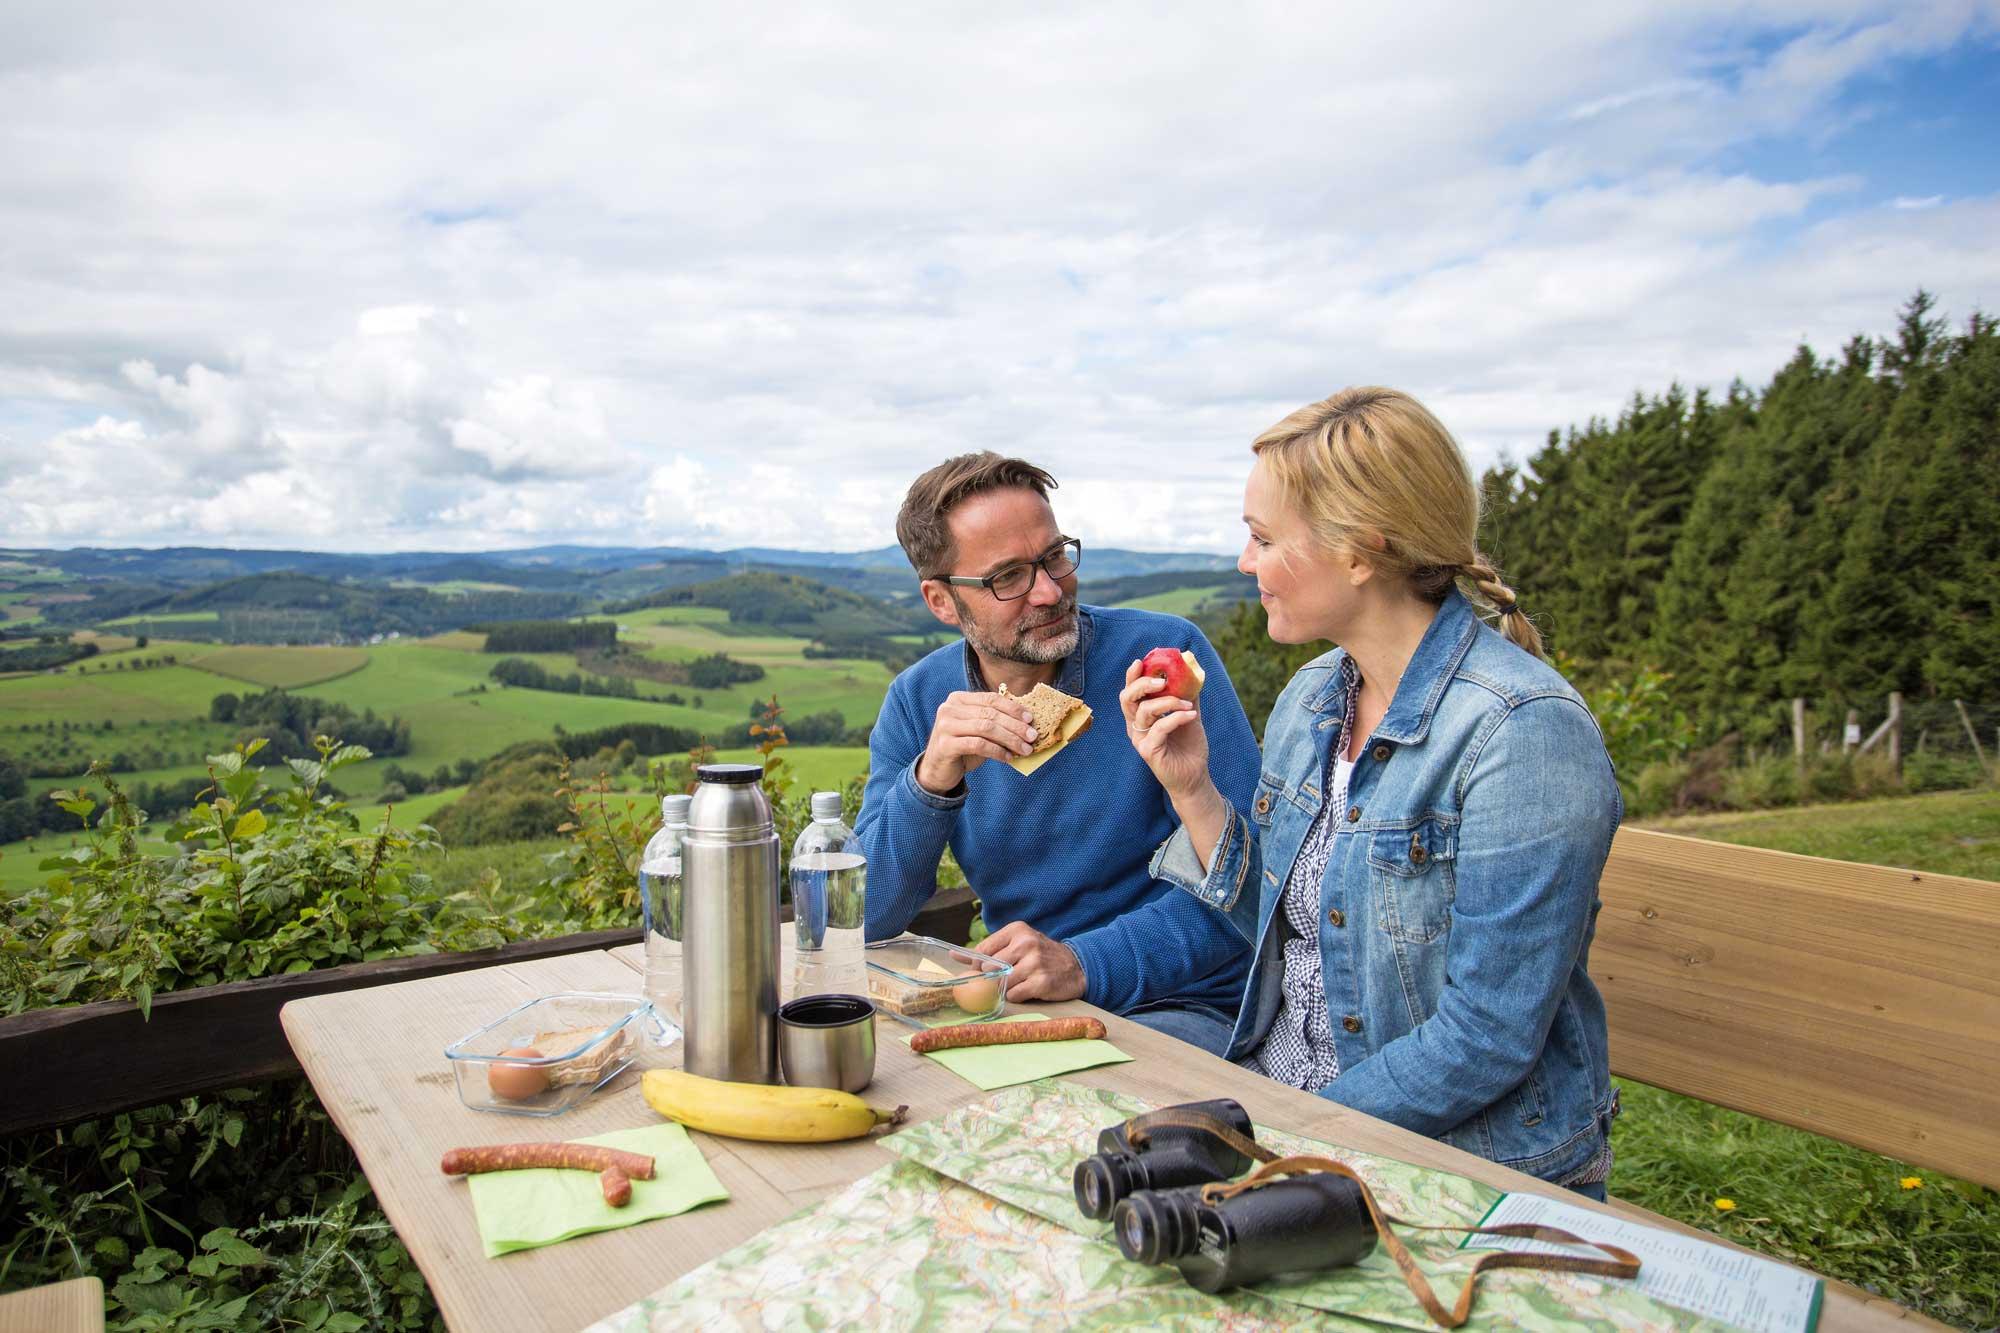 Ein Picknick ist das i-Tüpfelchen jeder Wanderung © Schmallenberg Sauerland Tourismus